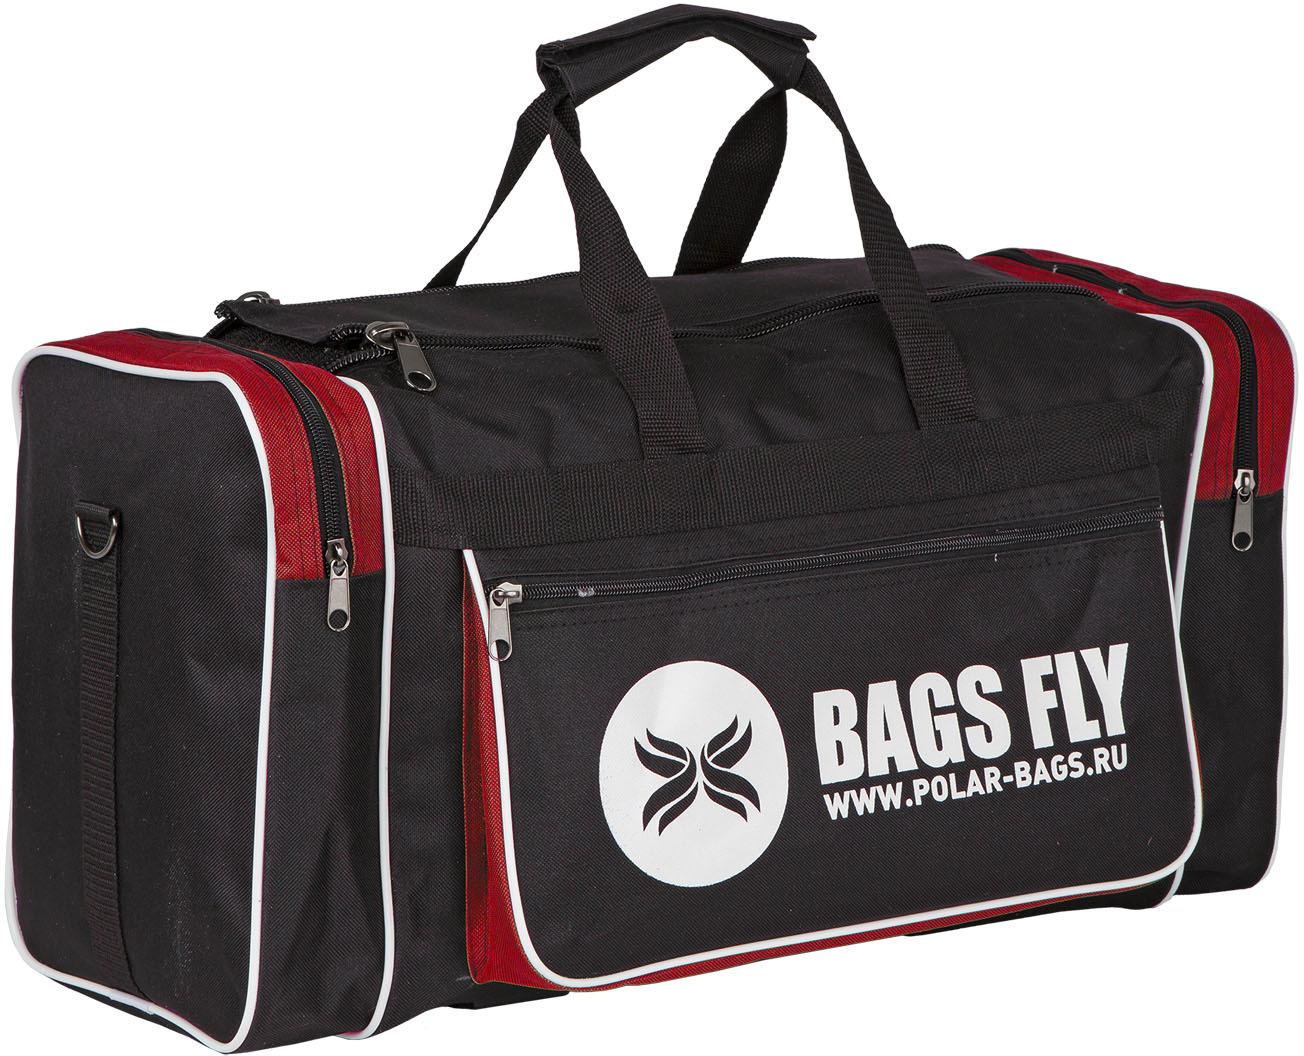 Сумка спортивная Polar, цвет: черный, красный, 30,5 л рюкзак polar polar po001buawne5